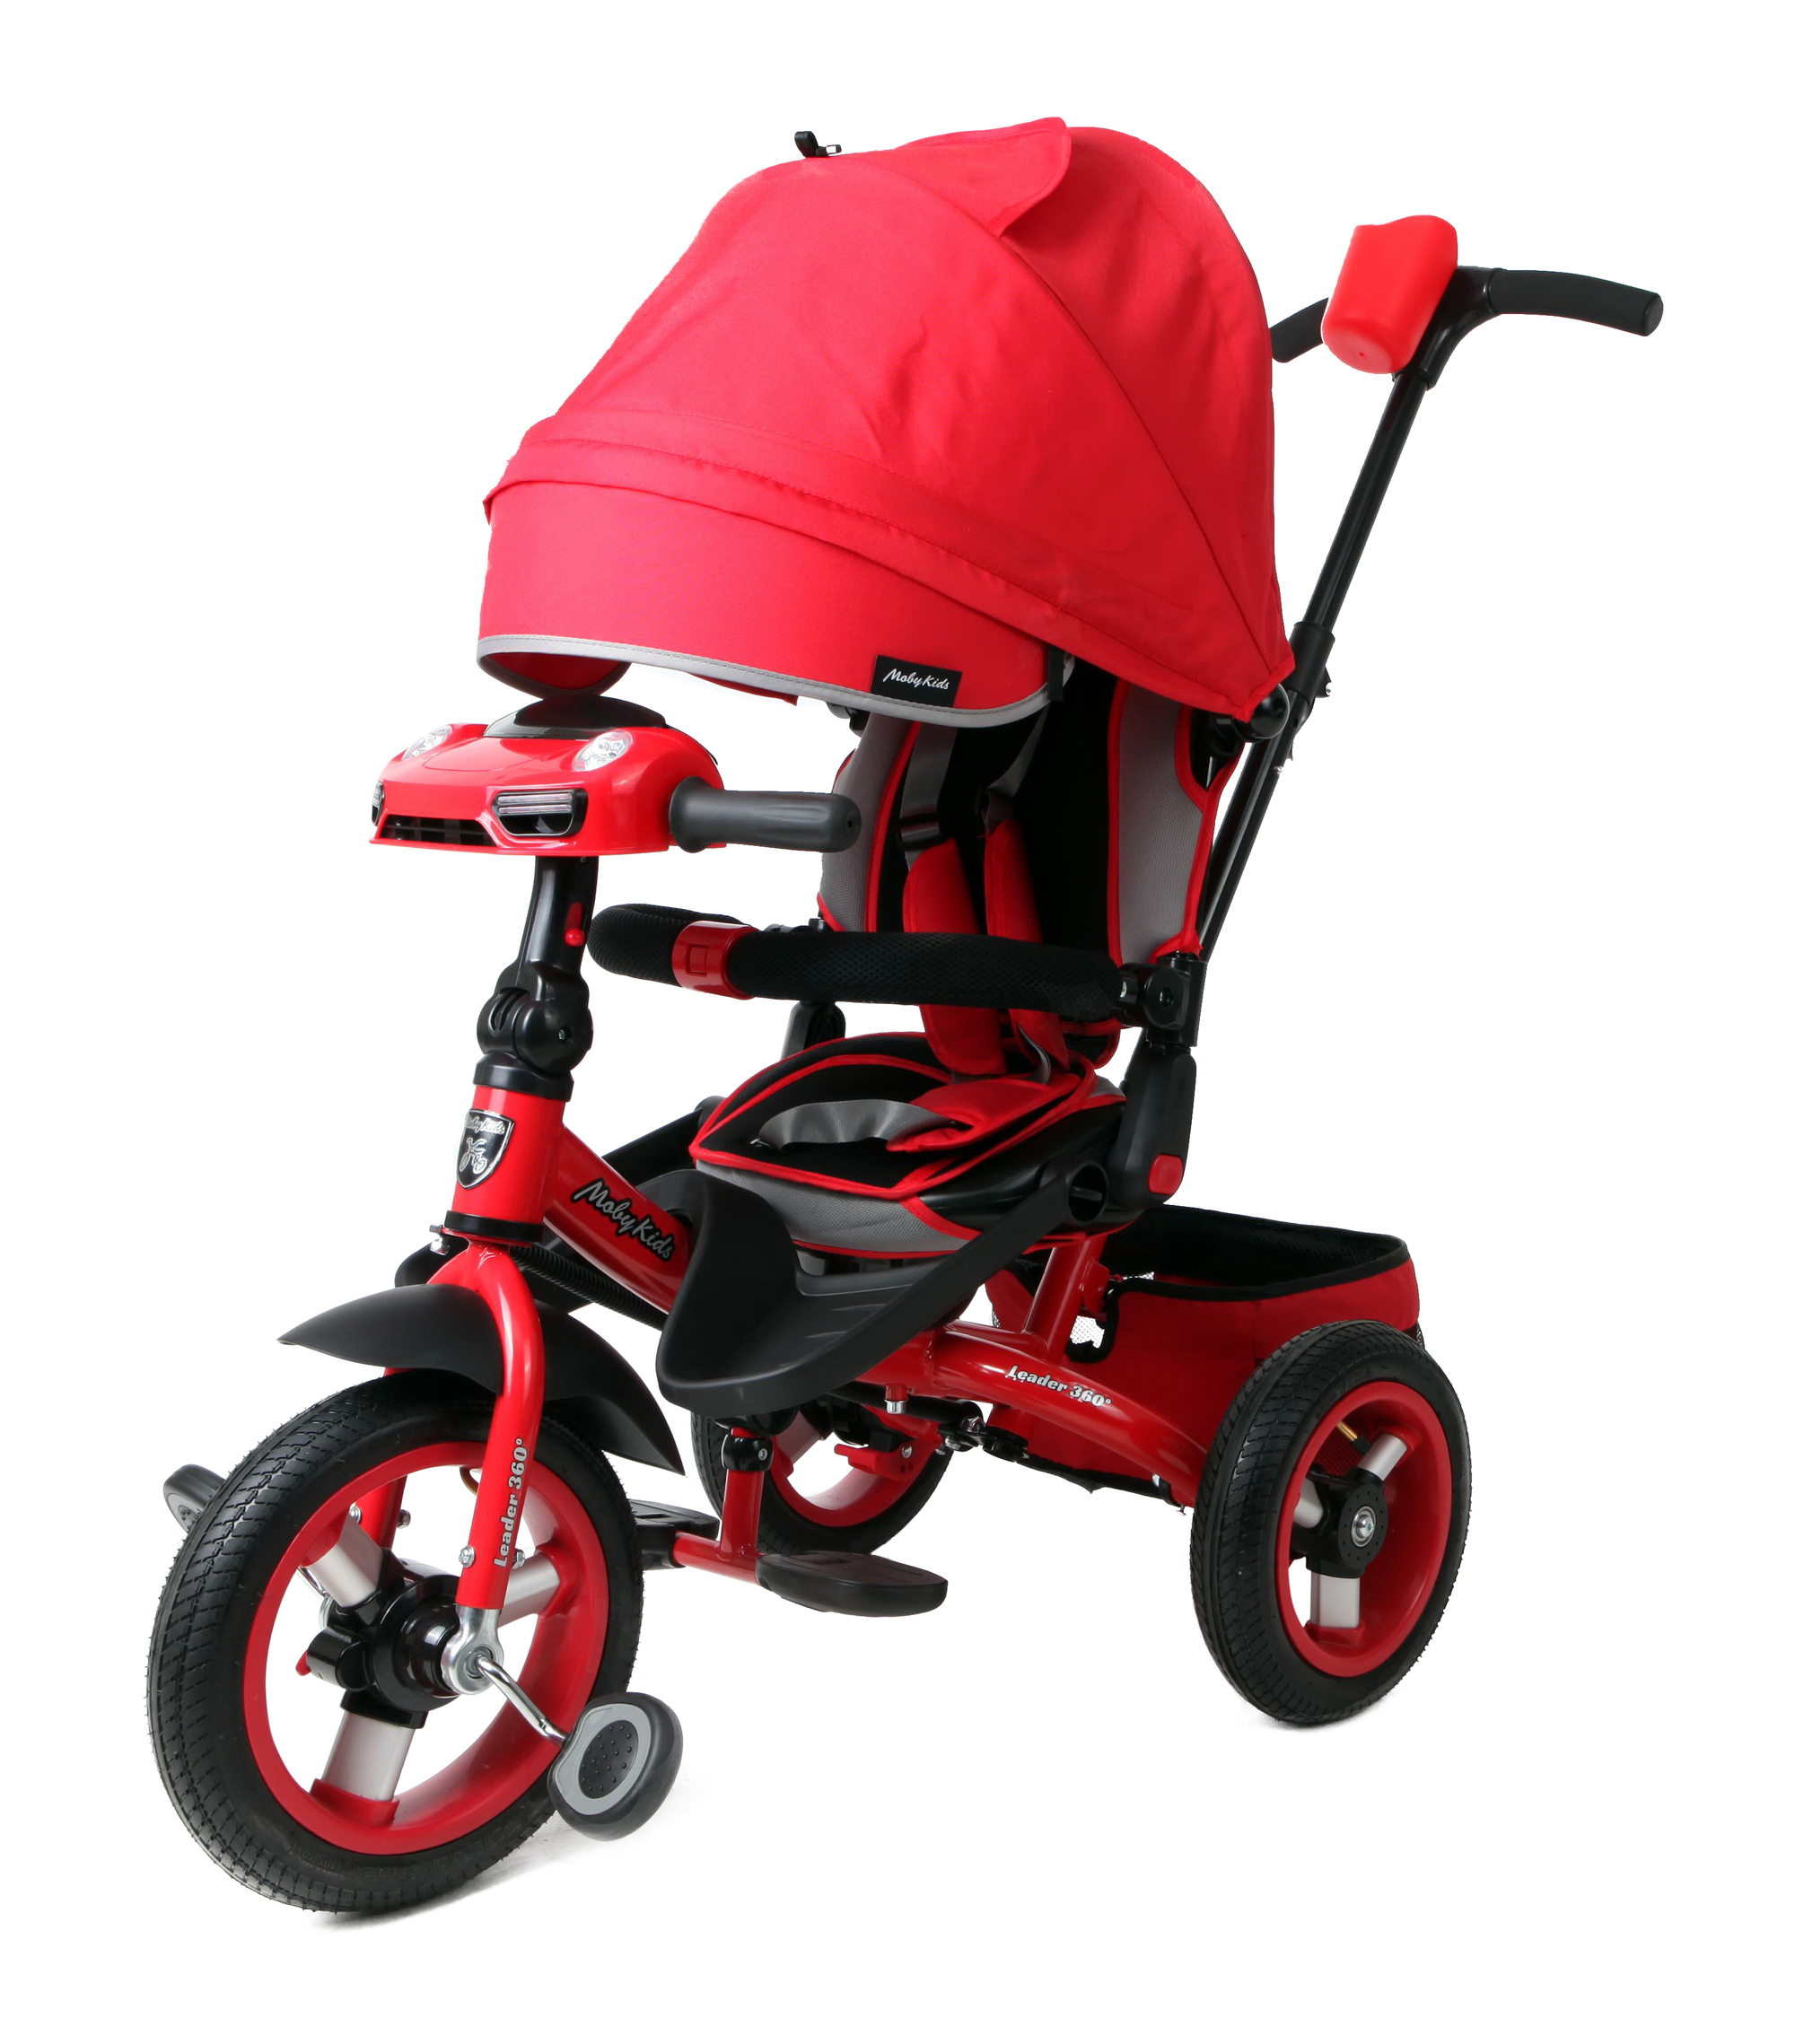 Купить Велосипед трехколесный Moby Kids Leader 360° AIR Car с разворотным сиденьем красный 641209, Детские велосипеды-коляски